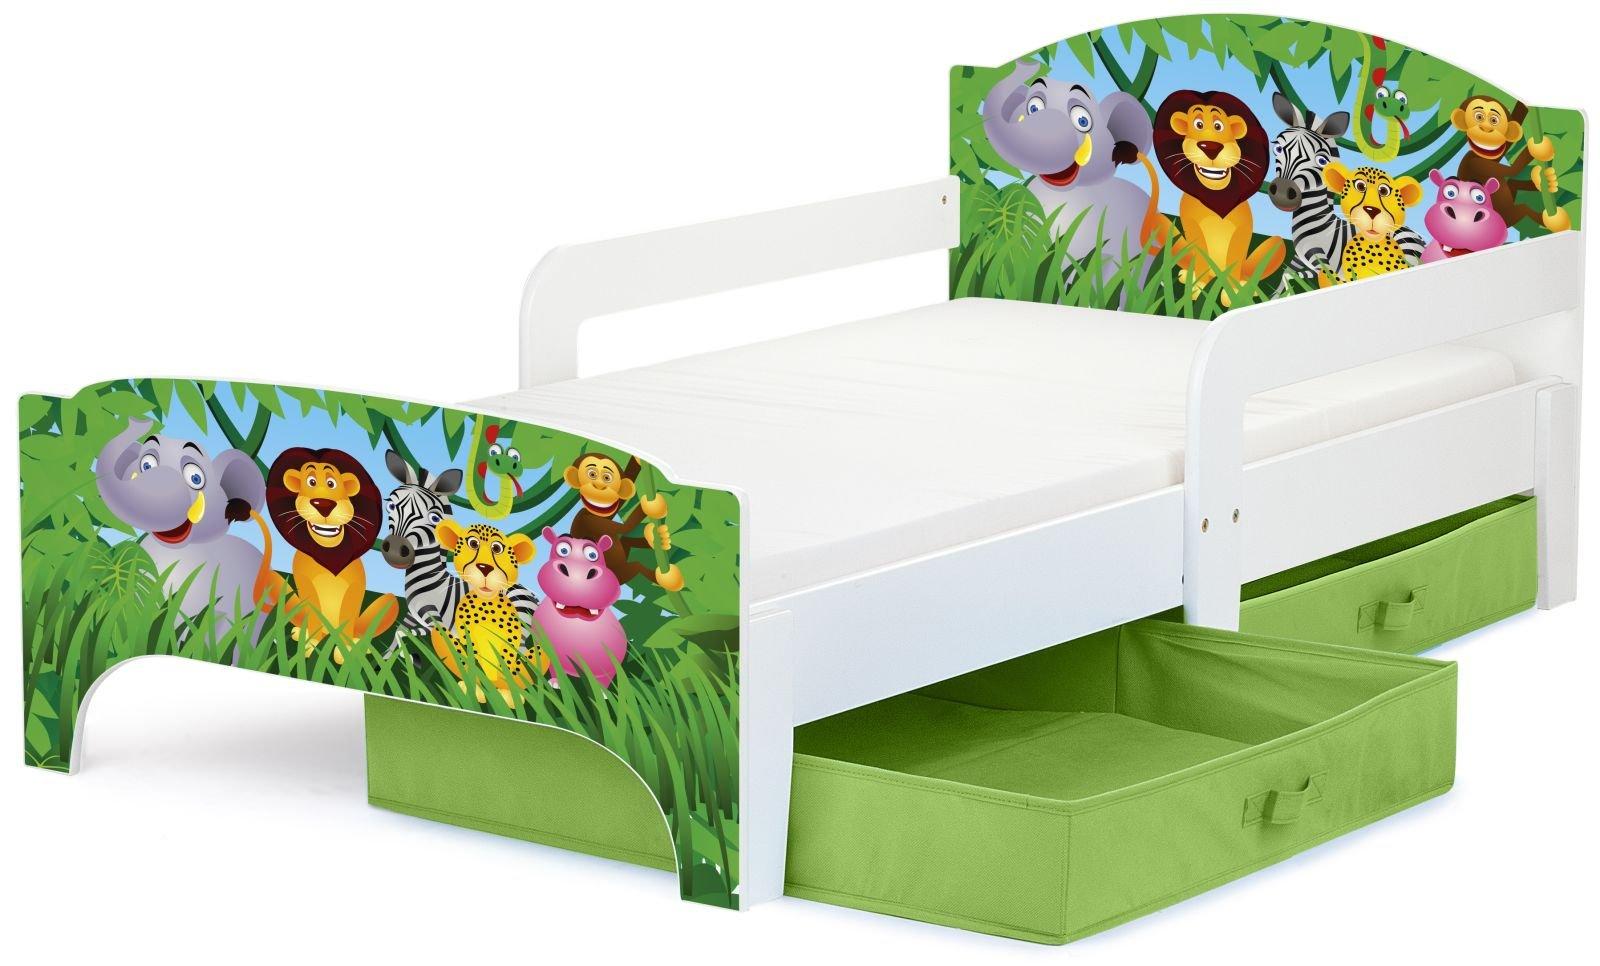 Smart Letto Lettino Per Bambini In Legno Cassetto Cassettone e Materasso Magnifiche Stampe Mobili Per Bambini Attrezzatura Stanza Per Bambino Dimensioni 140x70 Zoo Animali product image